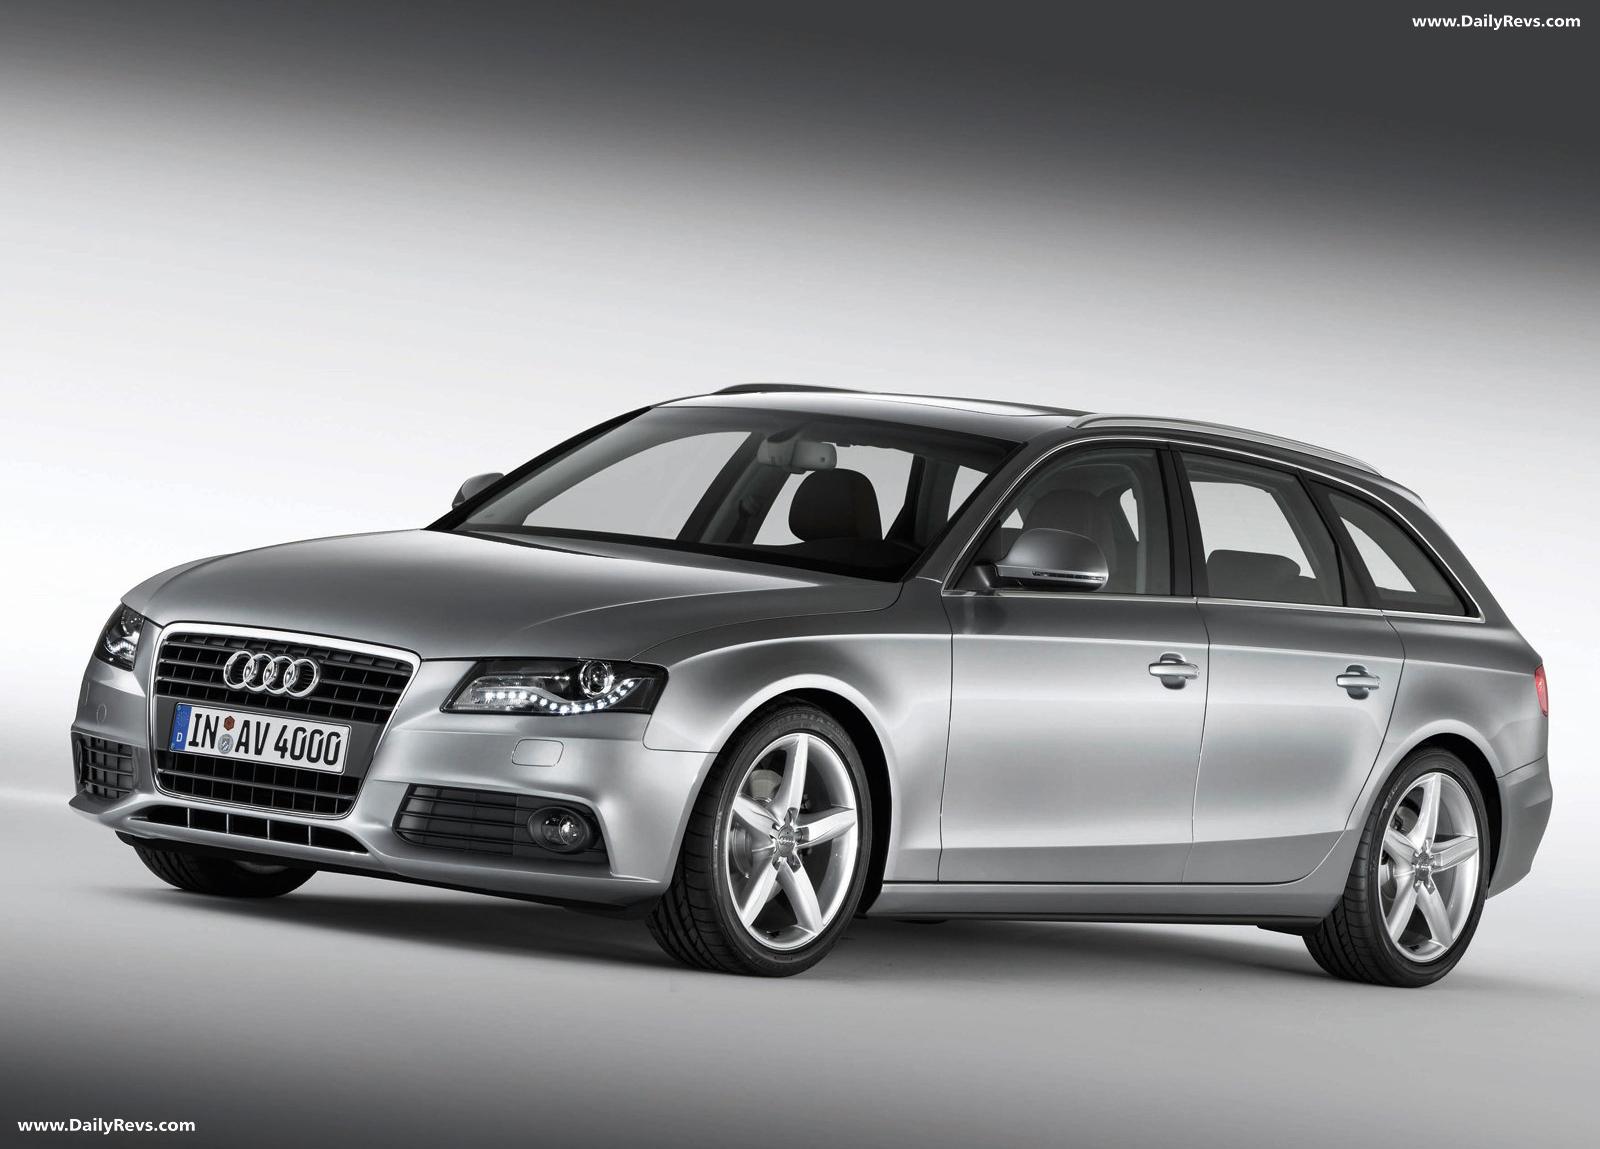 2009 Audi A4 Avant - HD Pictures, Videos, Specs ...